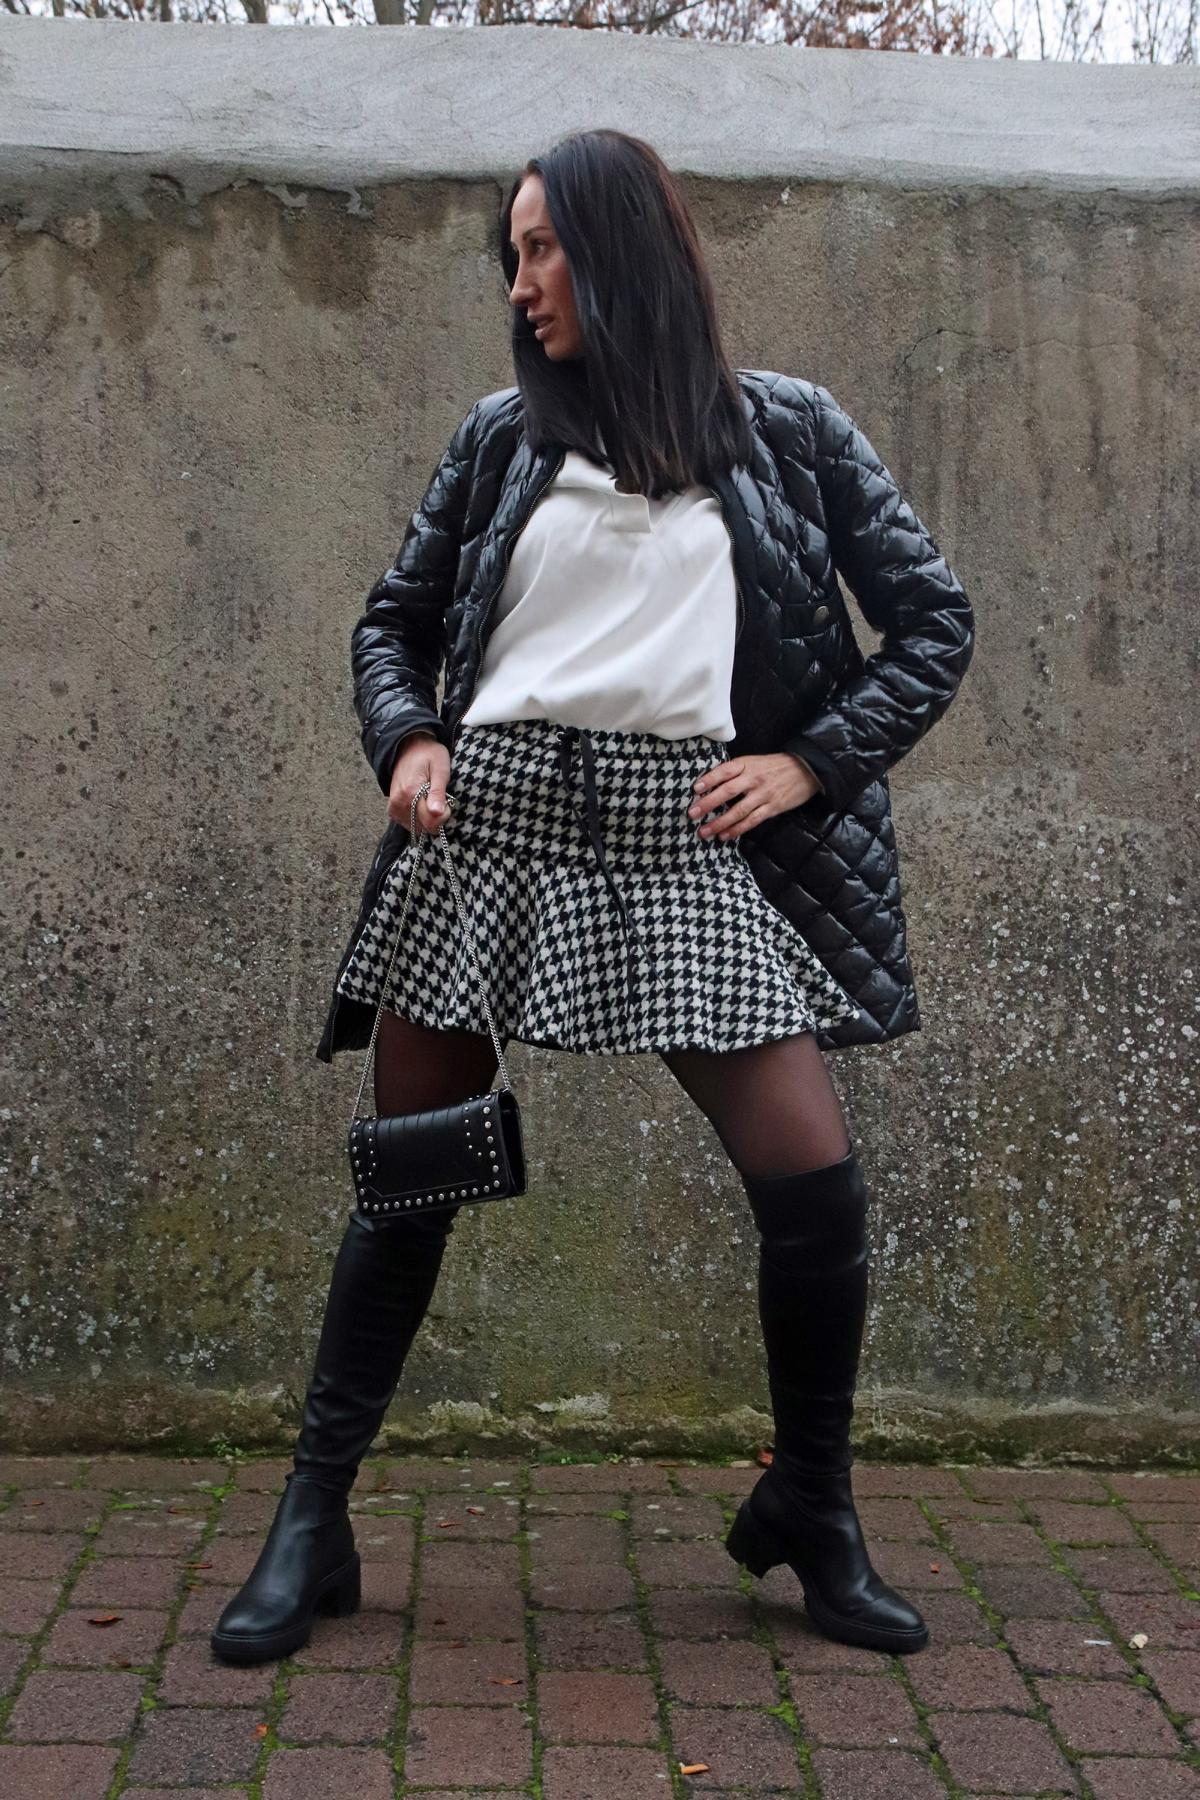 Streetstyle für Damen in Schwarz-Weiß, bestehend aus Hahnentritt-Minirock, falchen Overknees aus Leder, Mini-Nietenhandtasche und Luxus-Steppjacke. © Copyright Bettina Katscher 2019